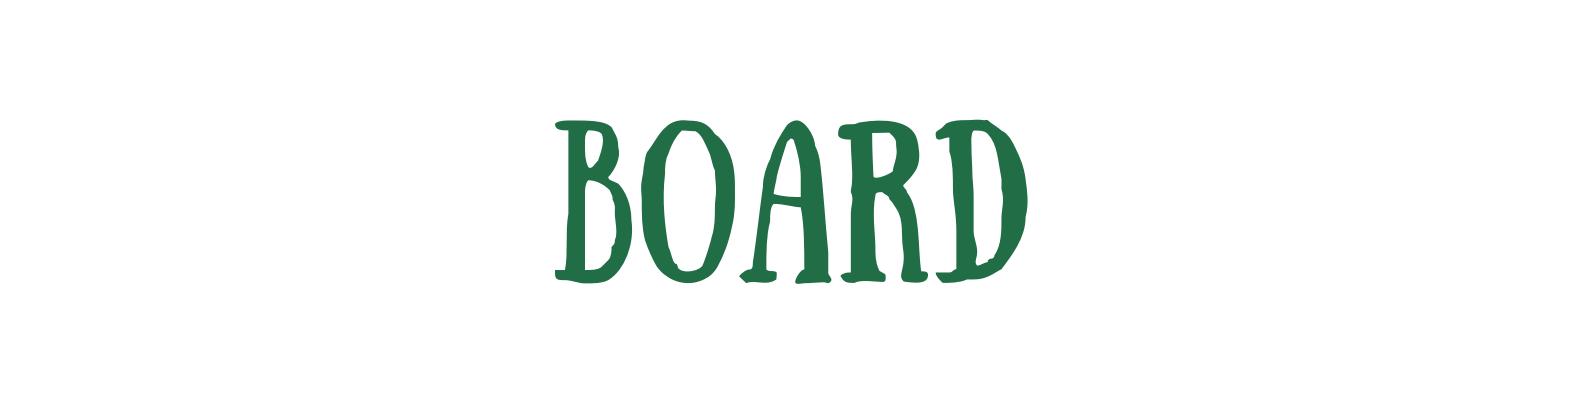 Green and Cream Brushstroke Assistant Professor LinkedIn Banner (21)